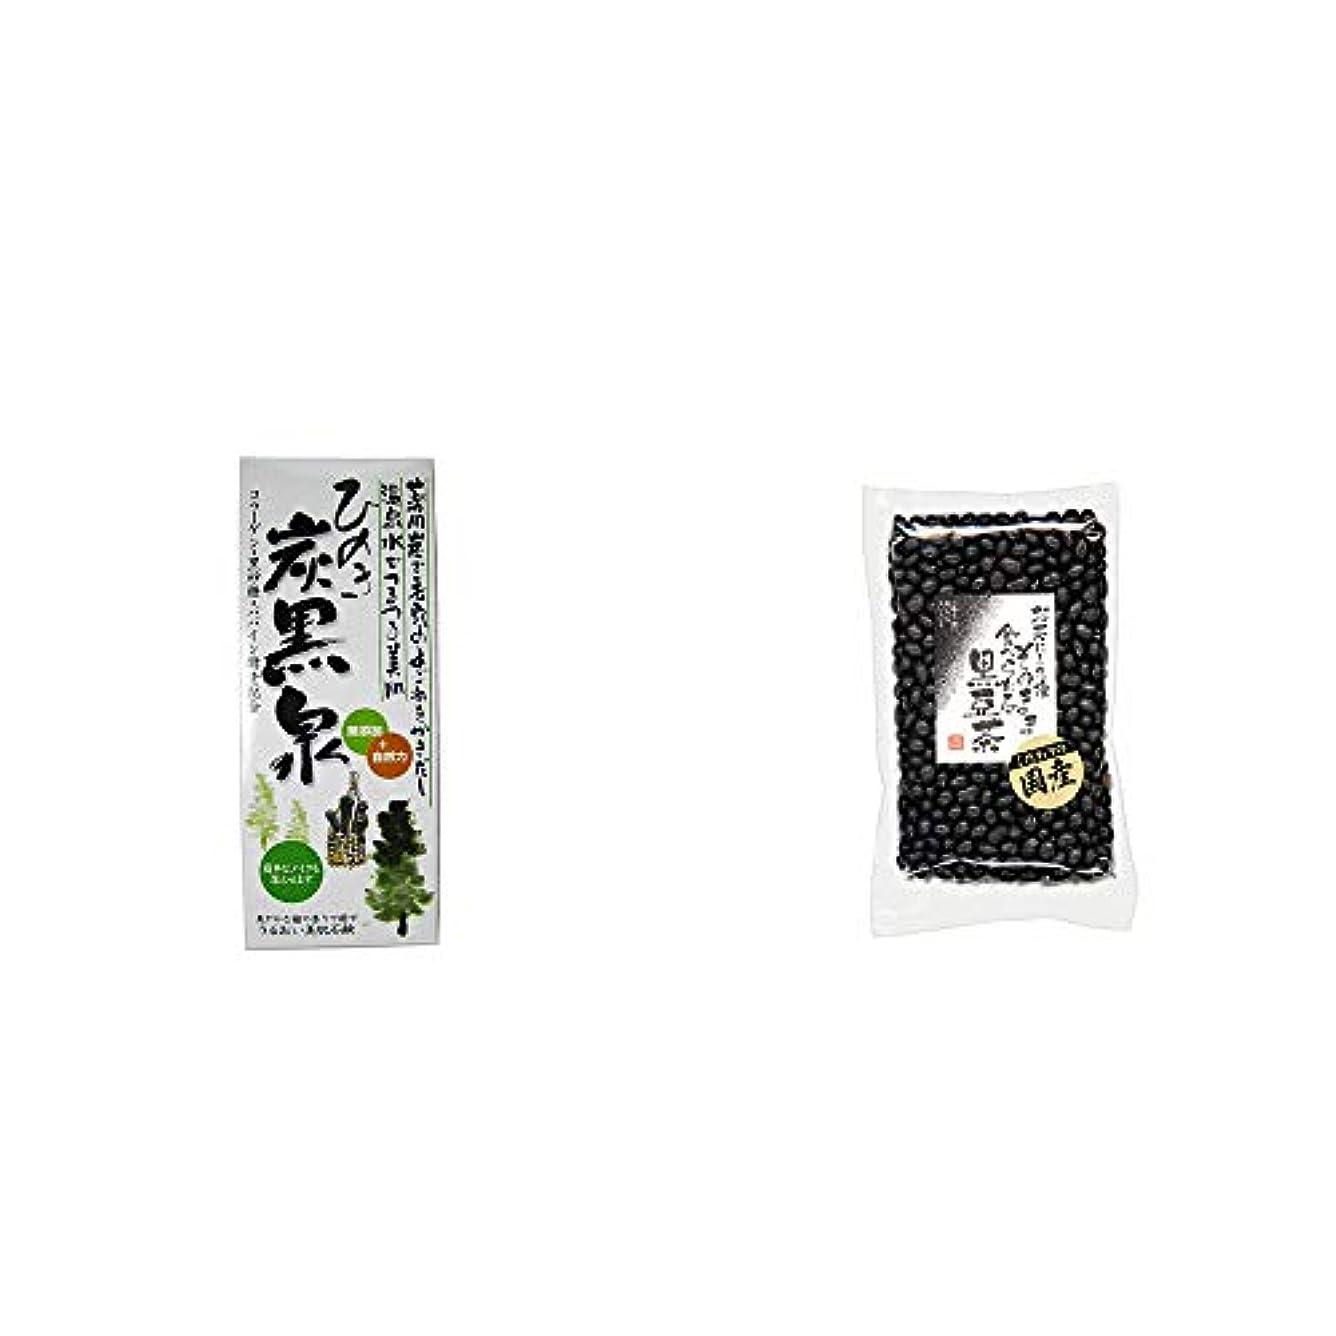 コンピューターゲームをプレイする有望収束する[2点セット] ひのき炭黒泉 箱入り(75g×3)?国産 黒豆茶(200g)